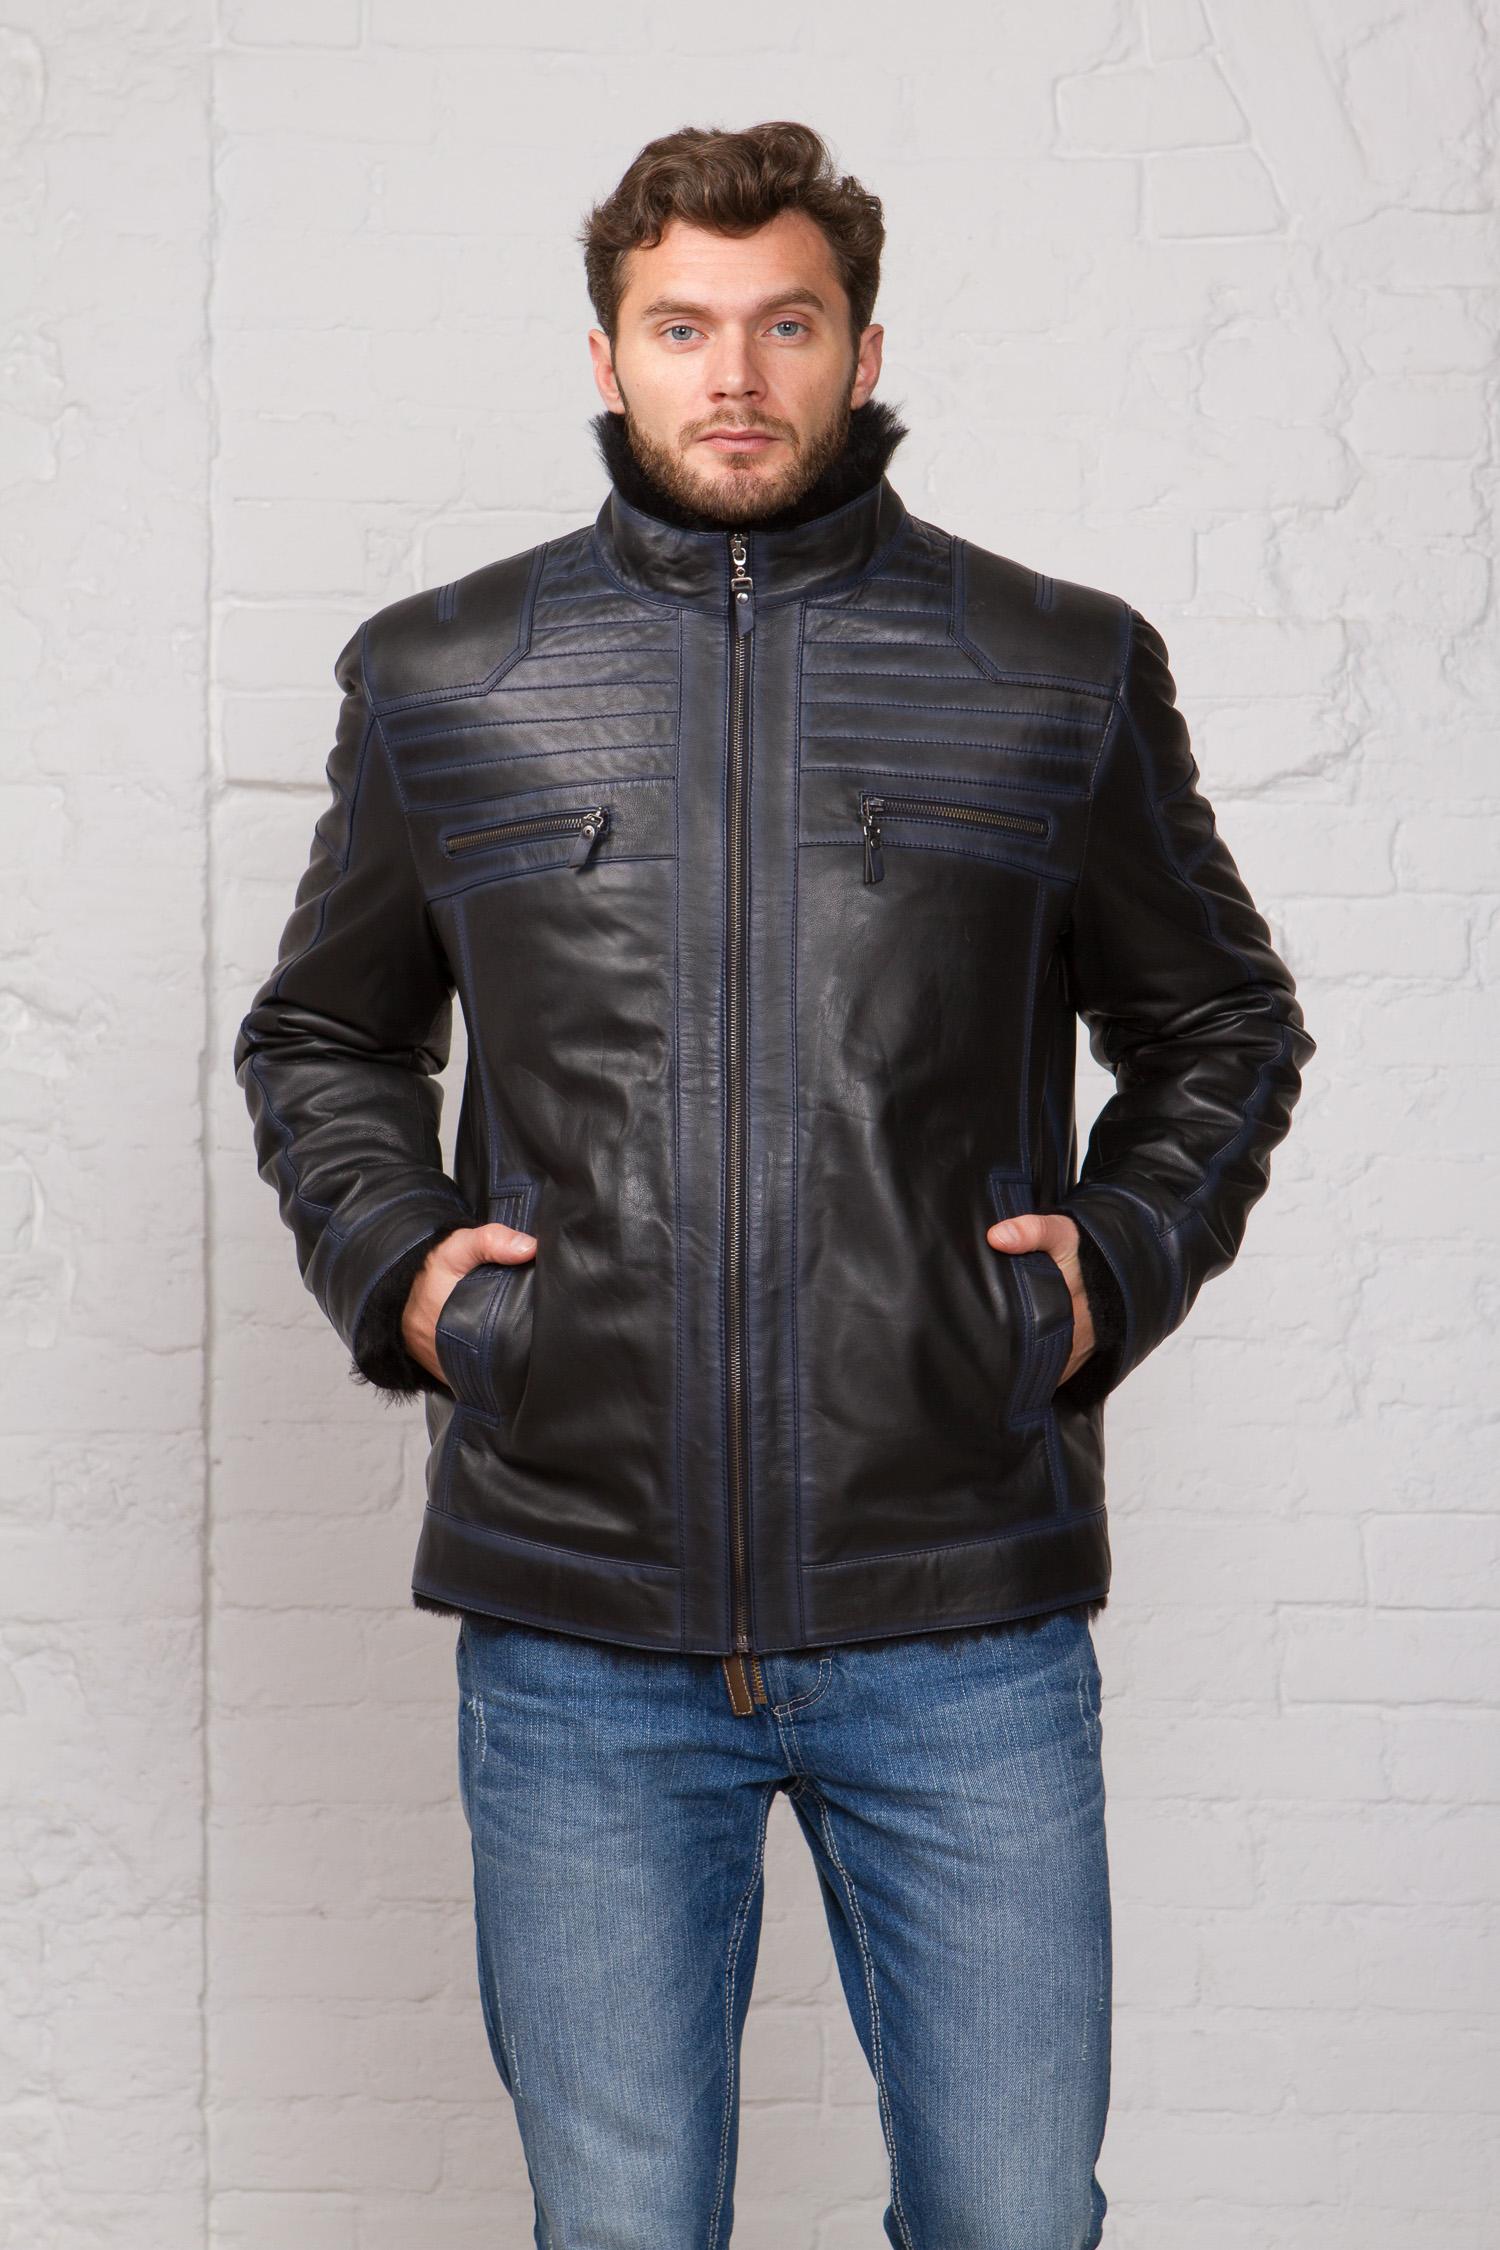 Мужская кожаная куртка из натуральной кожи на меху с воротником, без отделки<br><br>Воротник: стойка<br>Длина см: Короткая (51-74 )<br>Материал: Кожа овчина<br>Цвет: синий<br>Вид застежки: центральная<br>Застежка: на молнии<br>Пол: Мужской<br>Размер RU: 54